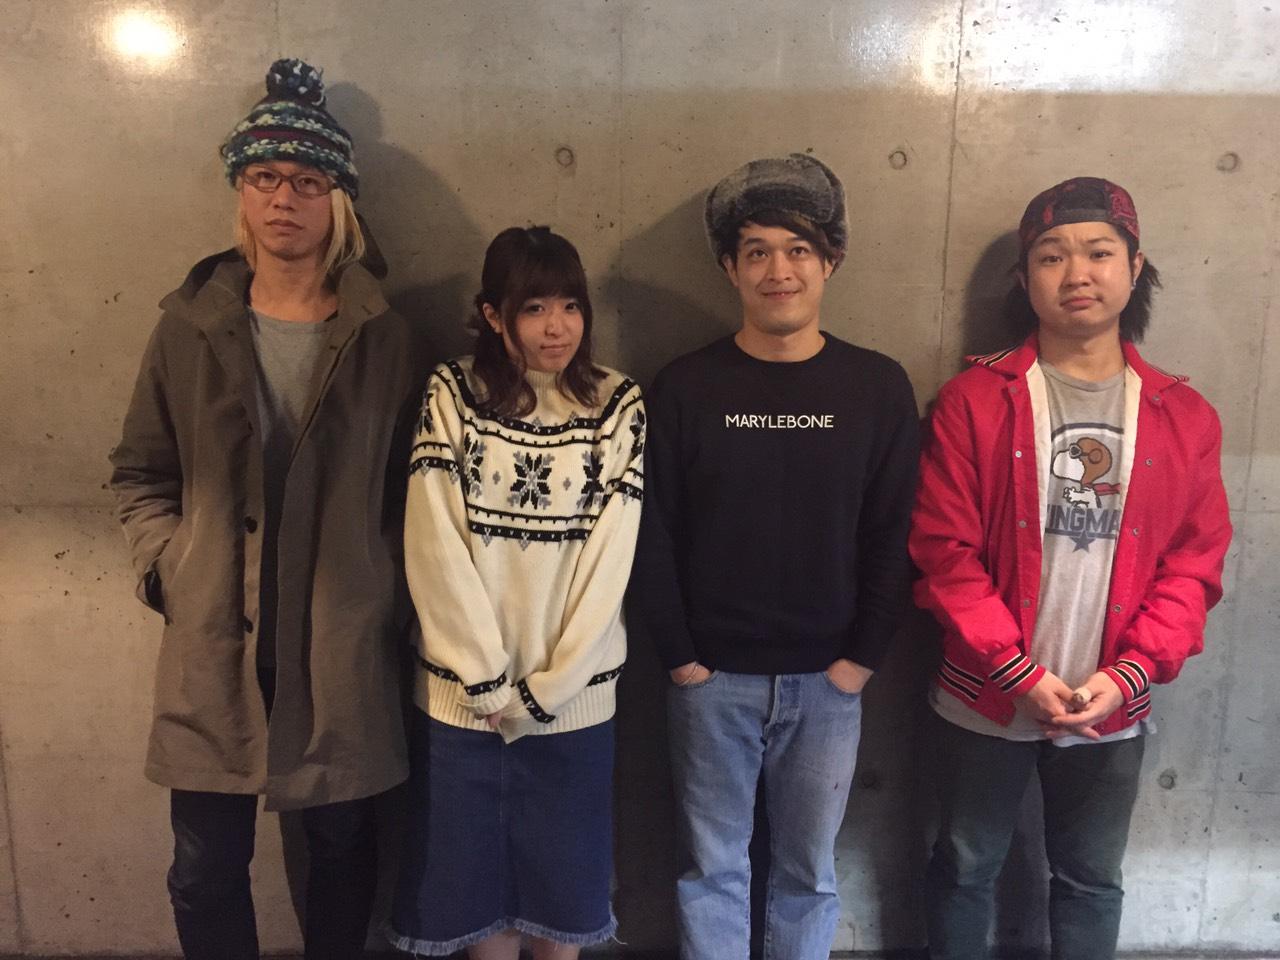 ルイフロ、新ドラマー決定!新生LUI FRONTiC 赤羽JAPAN全国ツアースタート!